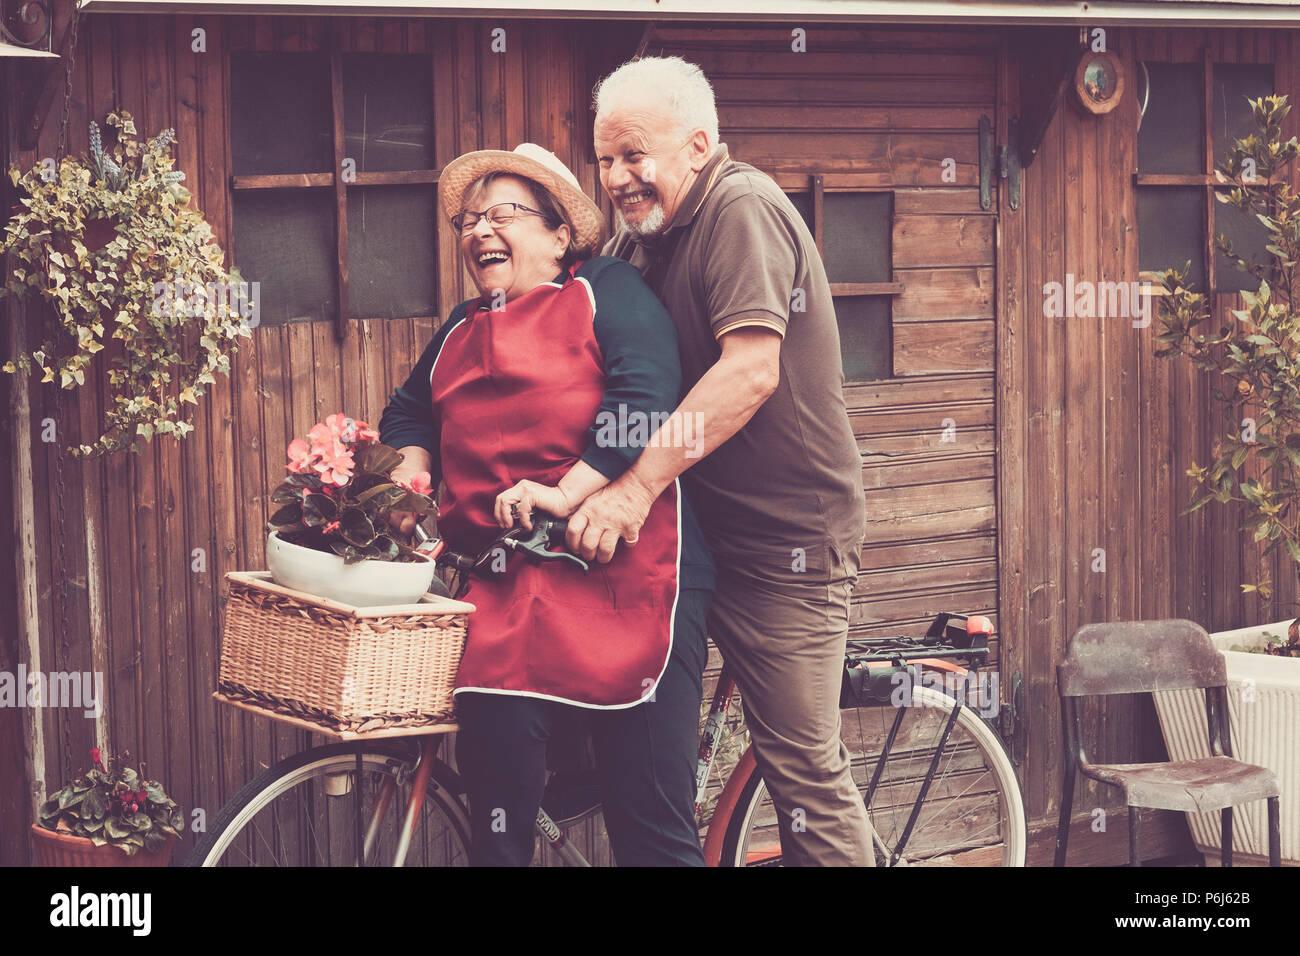 Bella gente caucasica godere il tempo libero outdoor entrambi su un unico bike lauhing come un matto. insieme momenti divertenti a casa fuori. vintage e filtro colore Immagini Stock